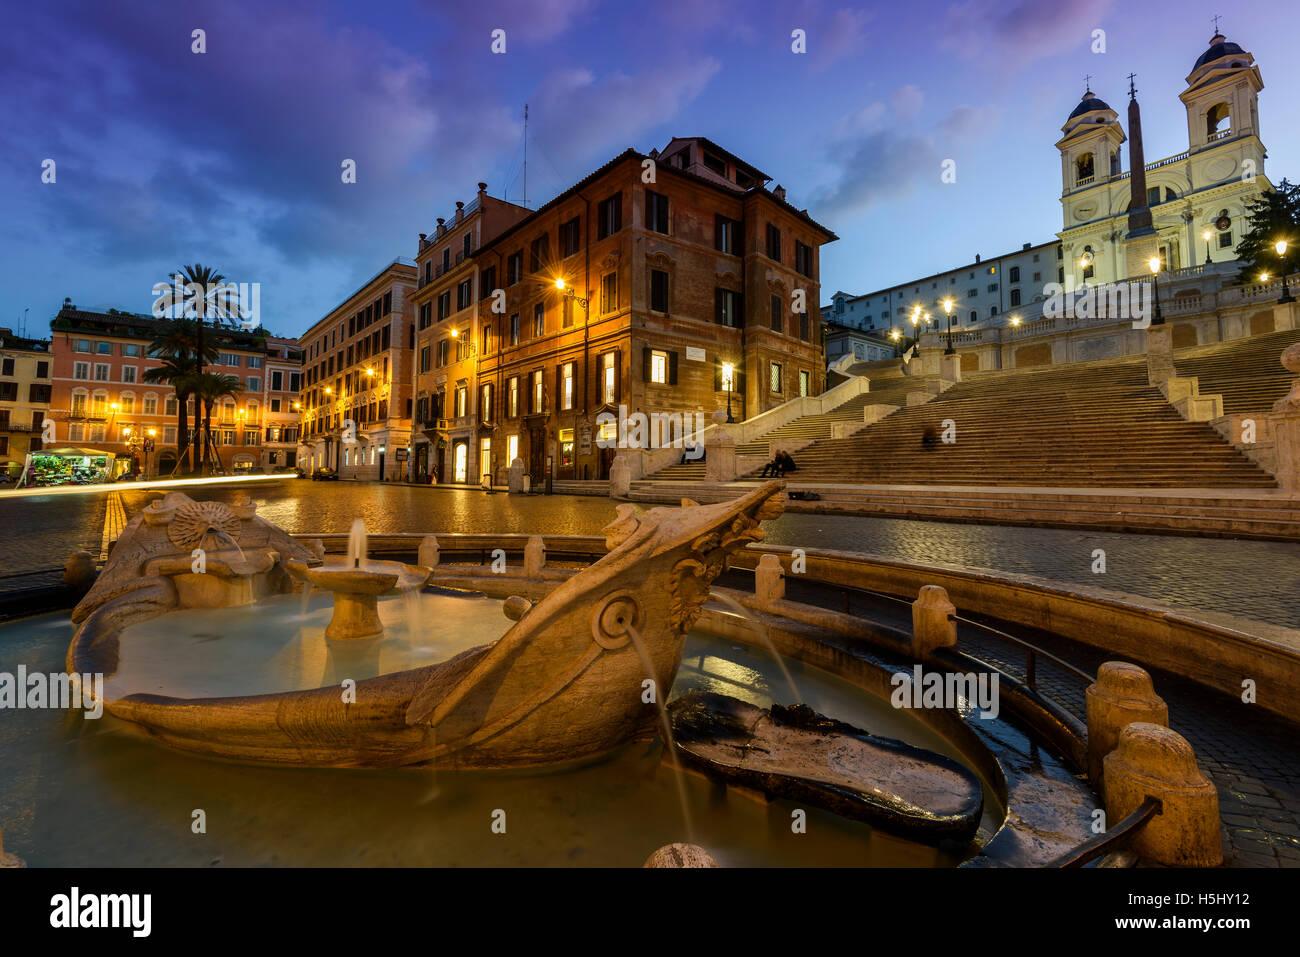 Vista de noche de Fontana della Barcaccia al pie de los Pasos Españoles, Roma, Lazio, Italia Imagen De Stock